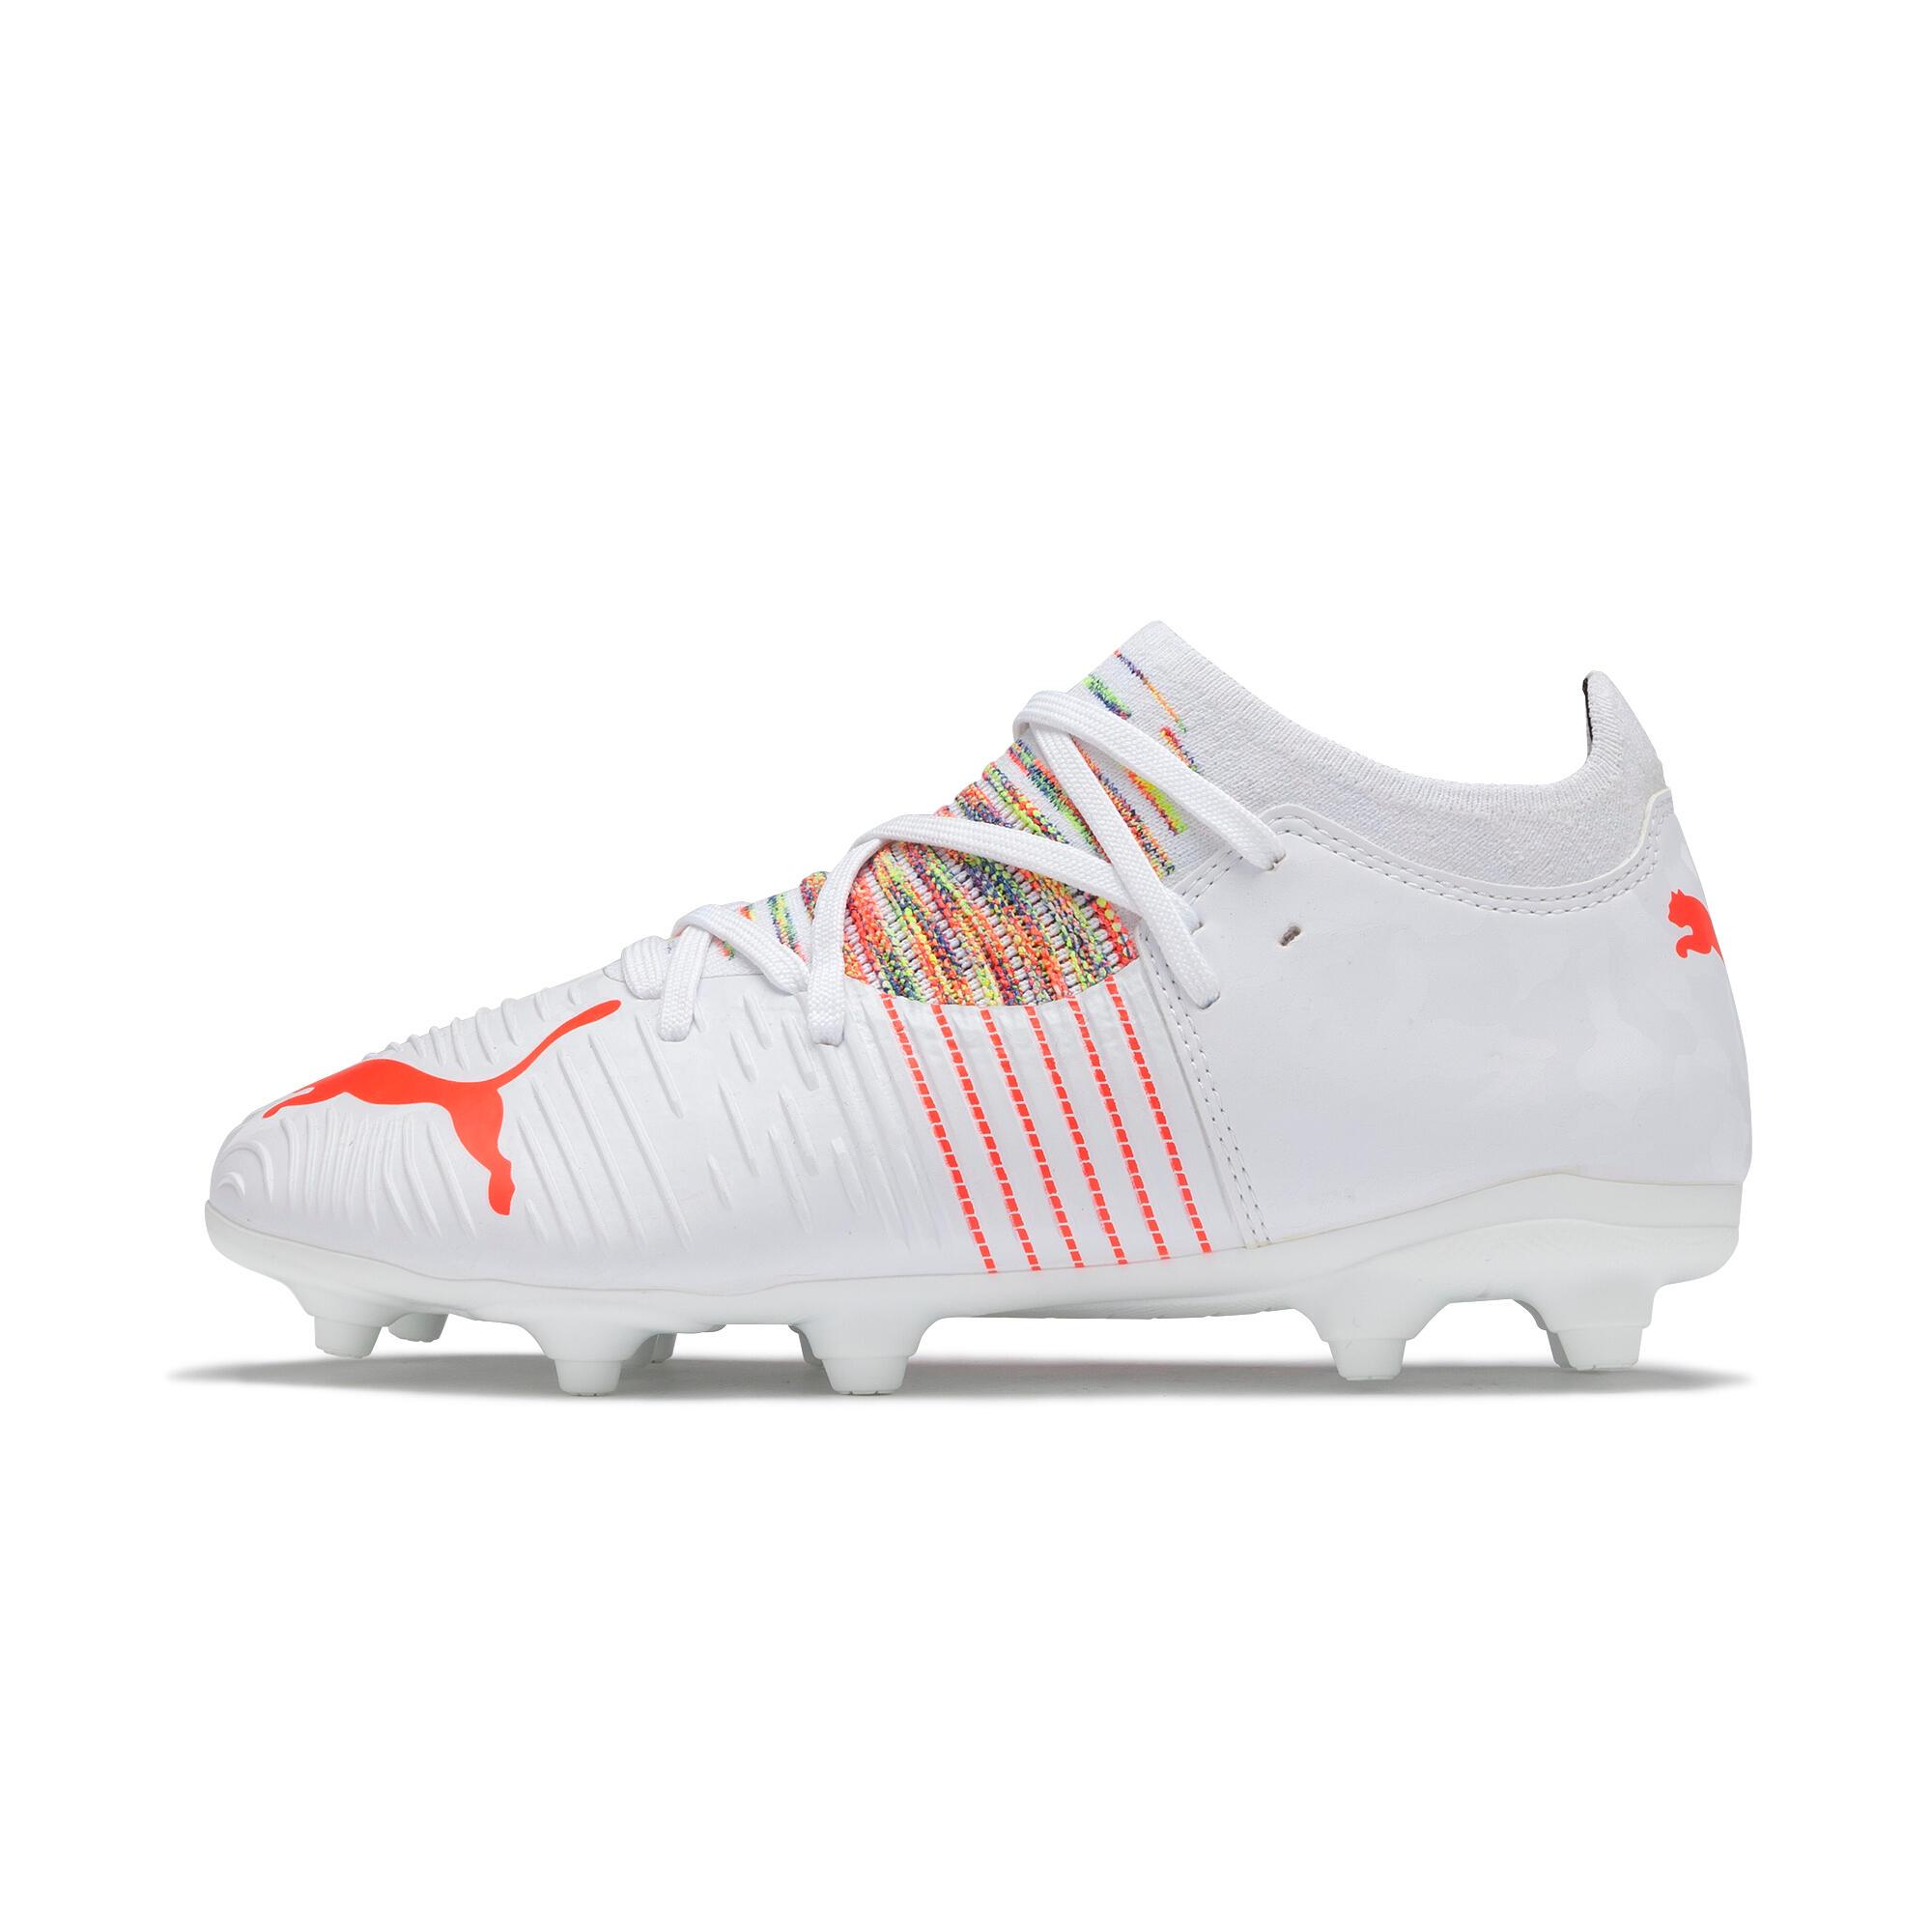 Crampons Puma, chaussures de foot Puma, nouveaux crampons de foot ...